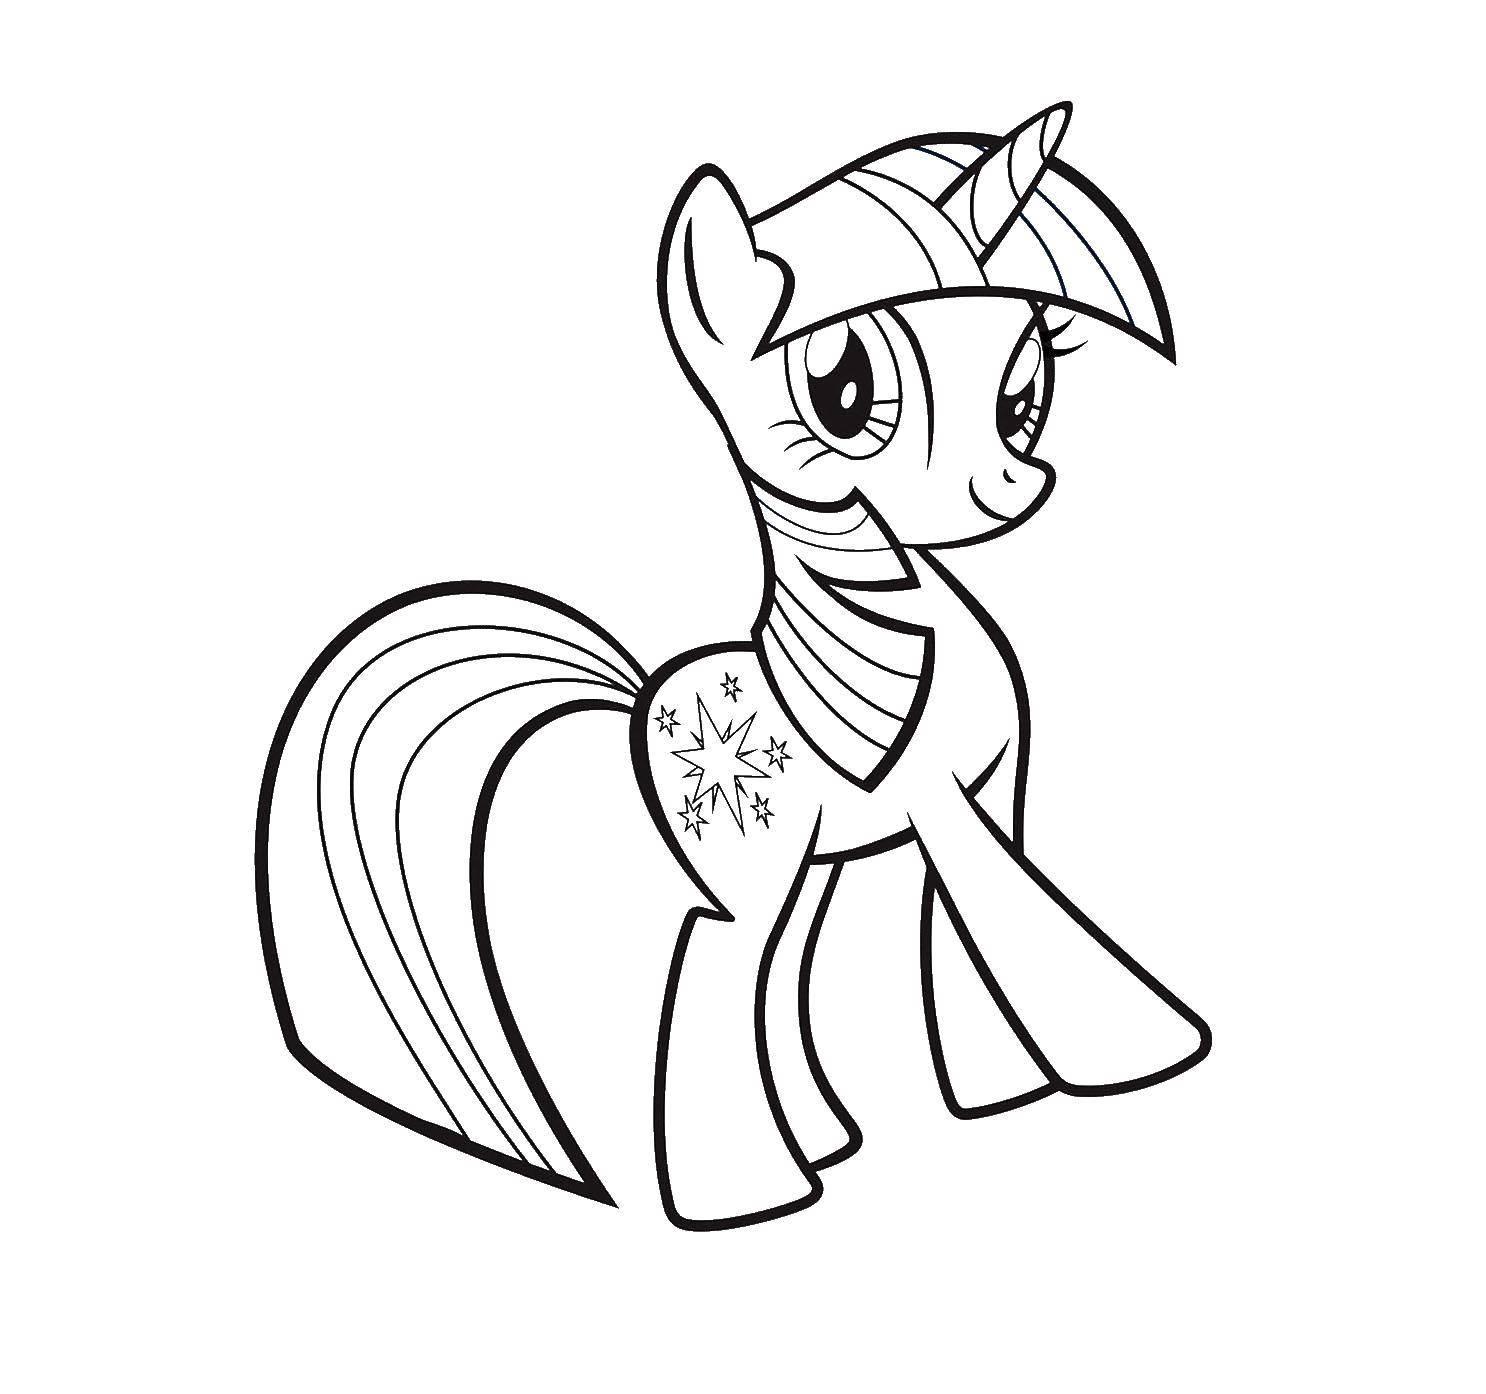 """Раскраска Красивая пони Скачать Пони, """"My little pony"""".  Распечатать ,мой маленький пони,"""